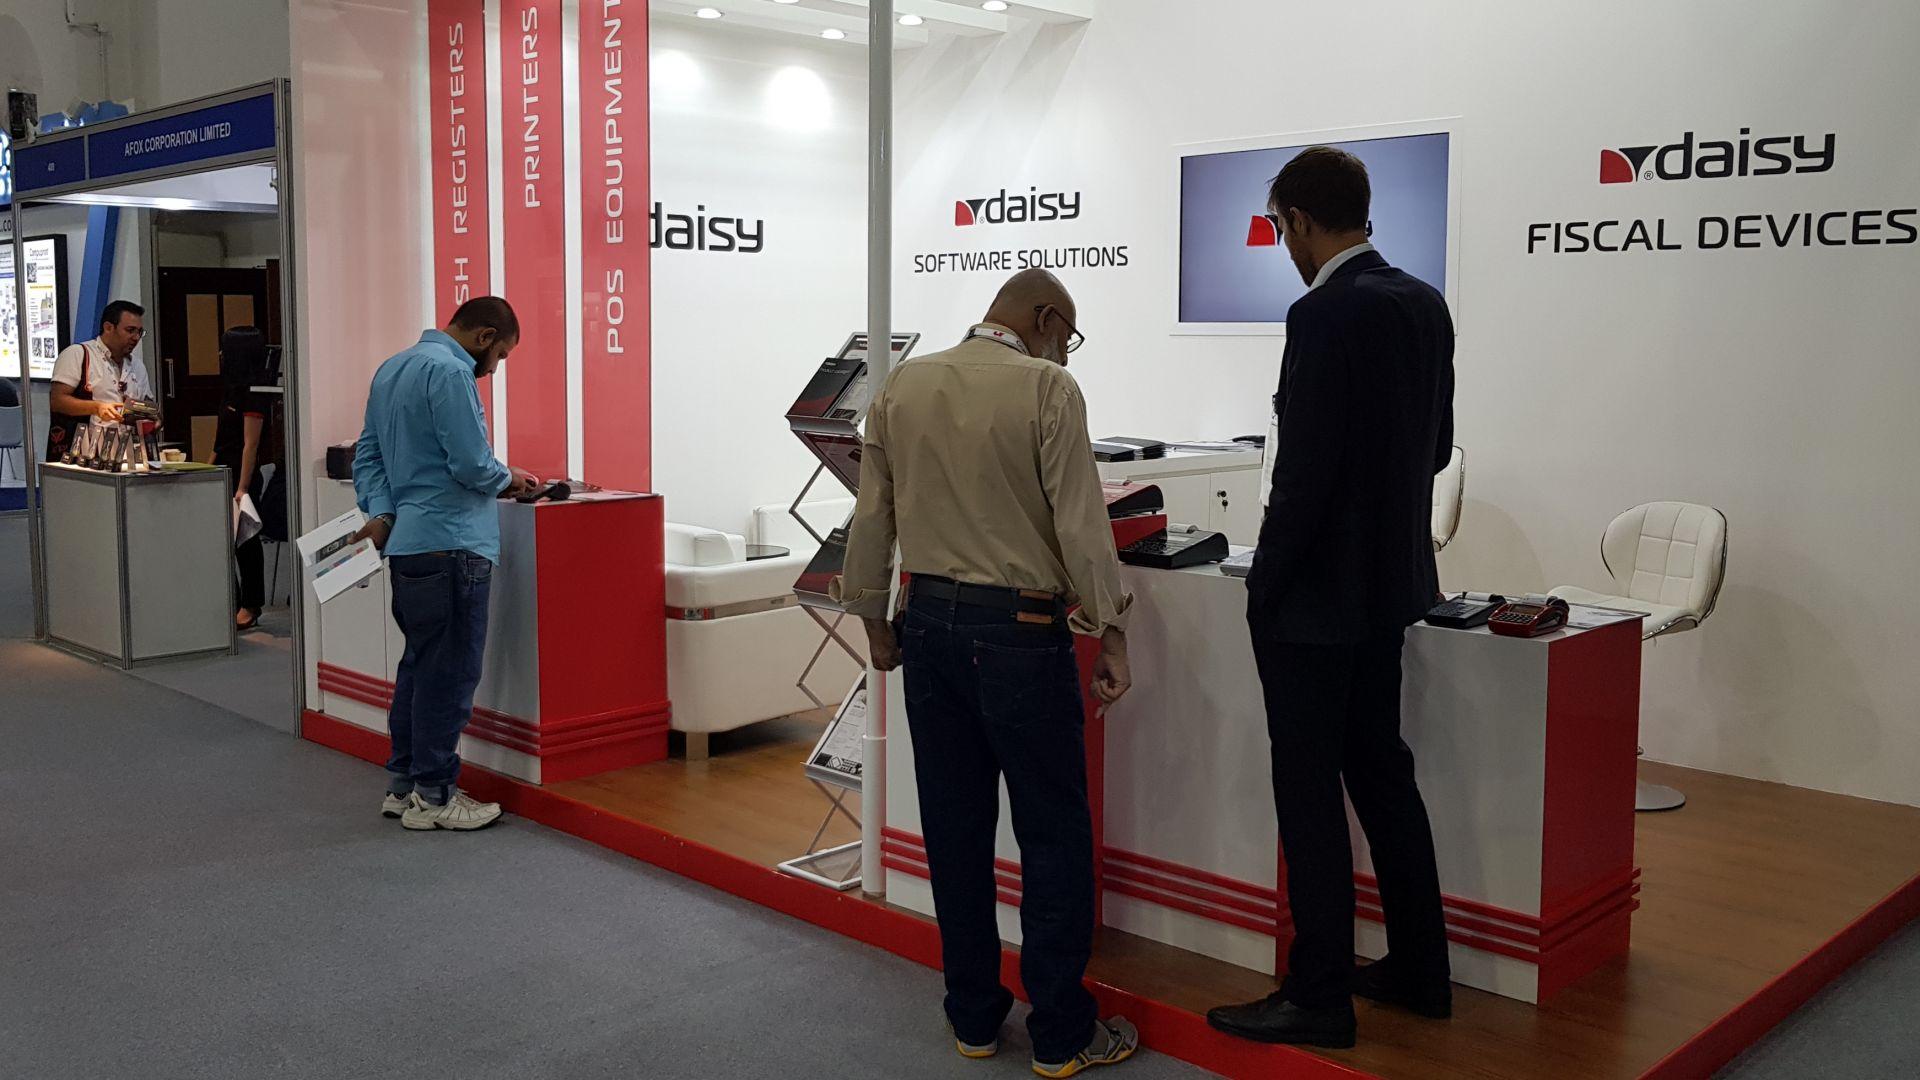 Българска компания с голям успех на световно технологично изложение в Дубай